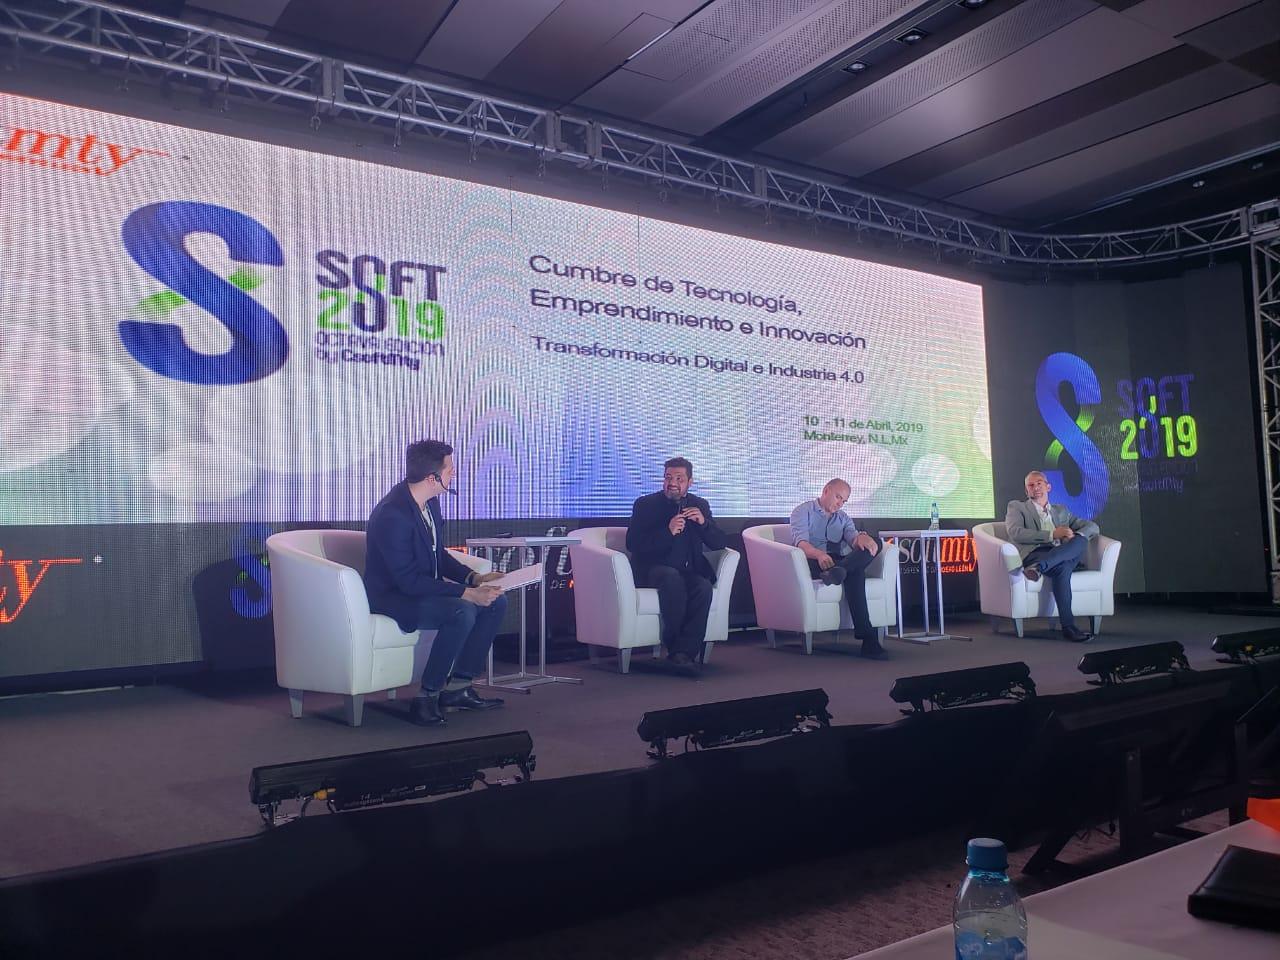 Perfilan a México como líder mundial FinTech